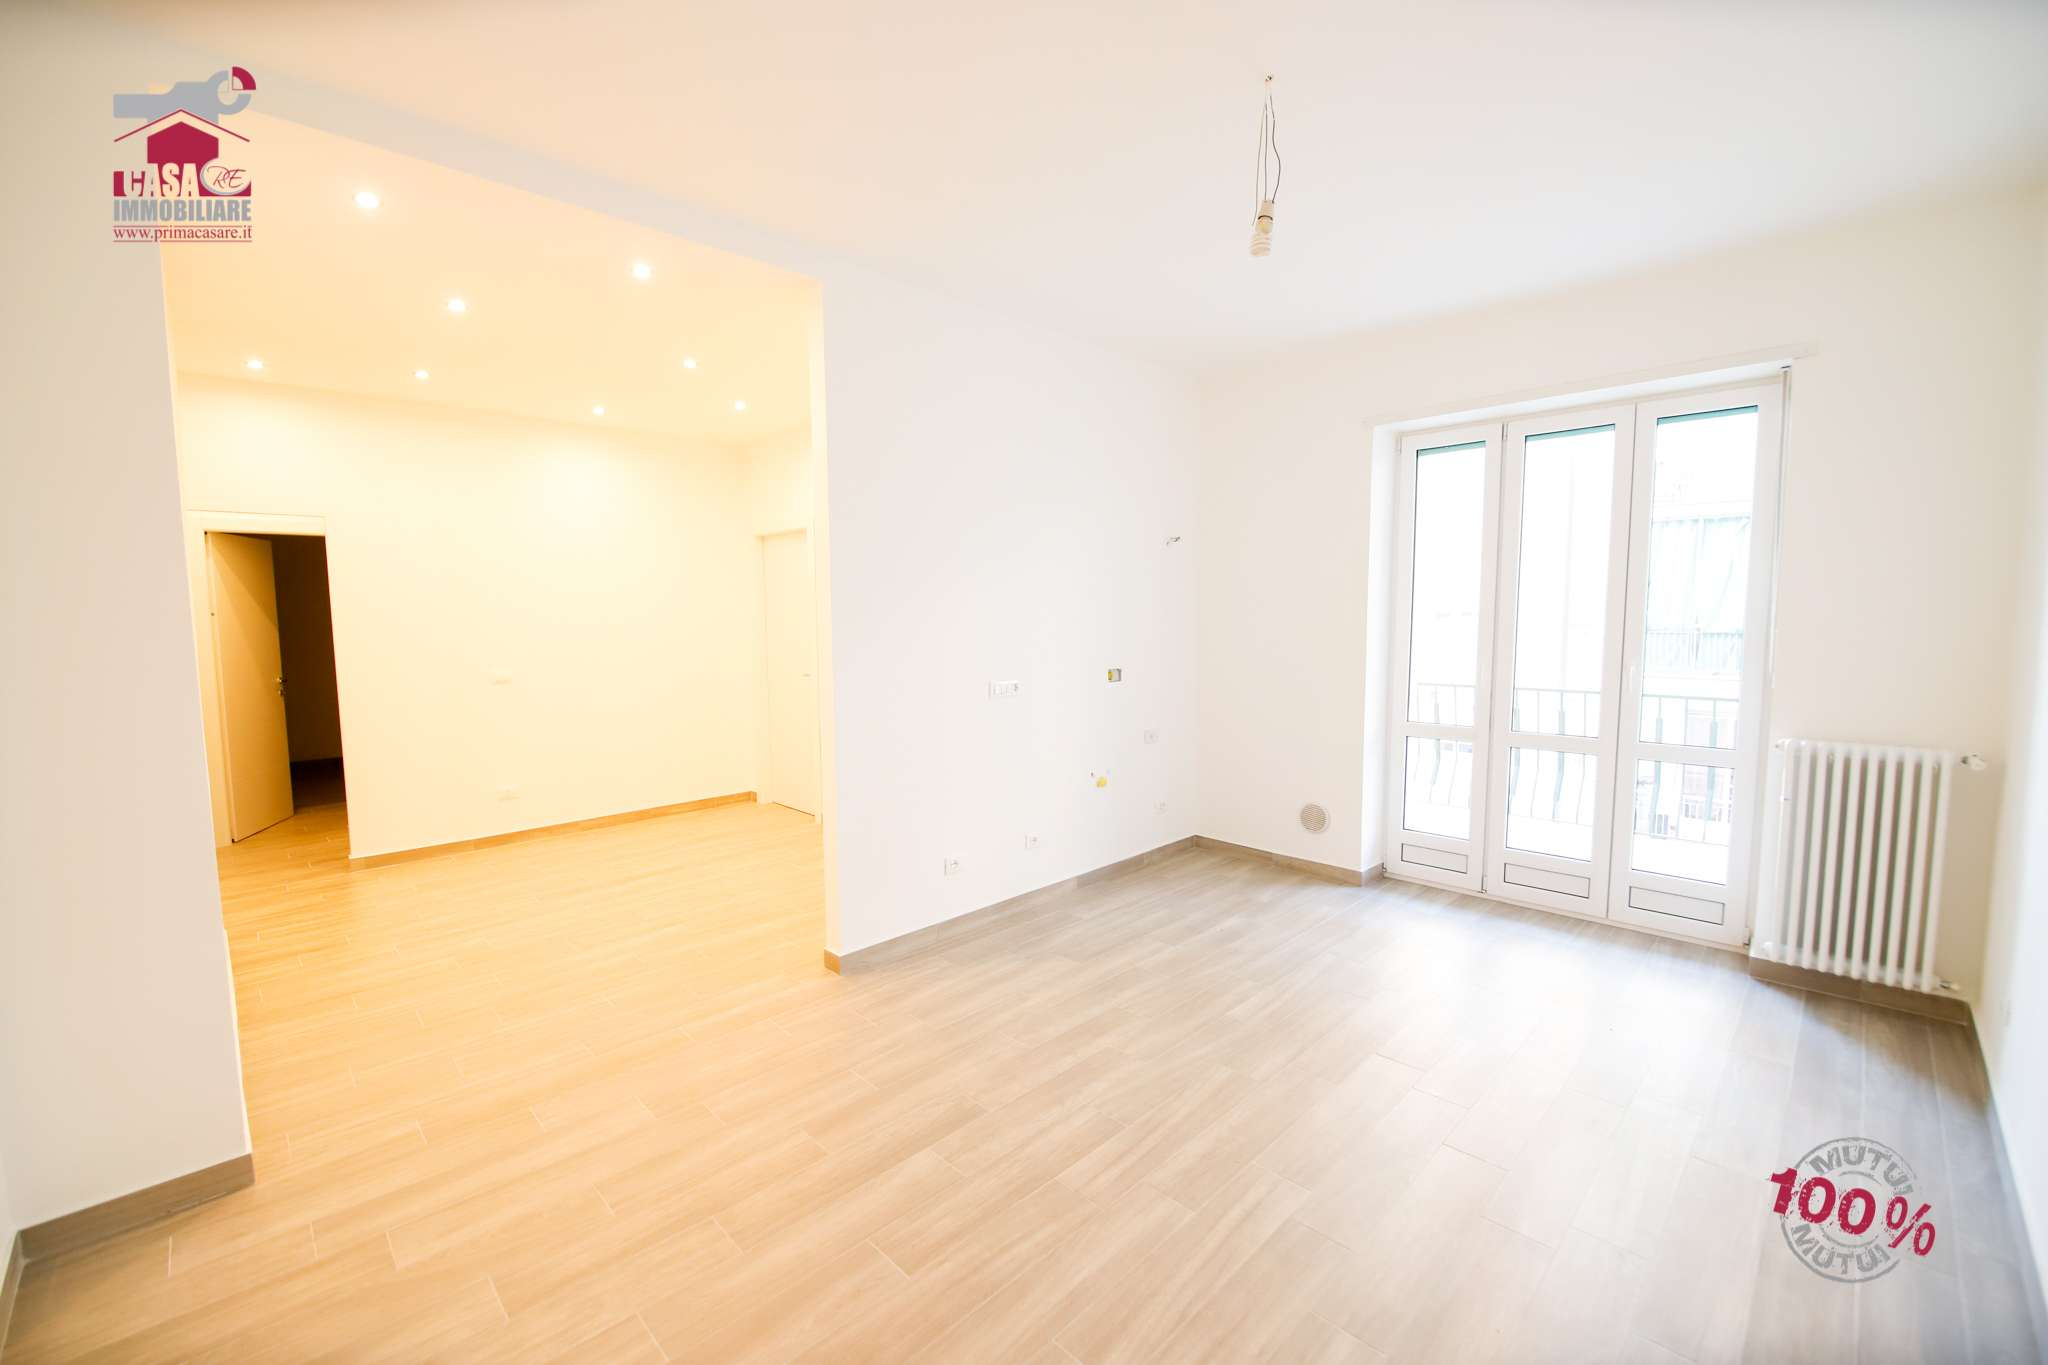 Appartamento in vendita a Volpiano, 4 locali, prezzo € 99.000 | CambioCasa.it